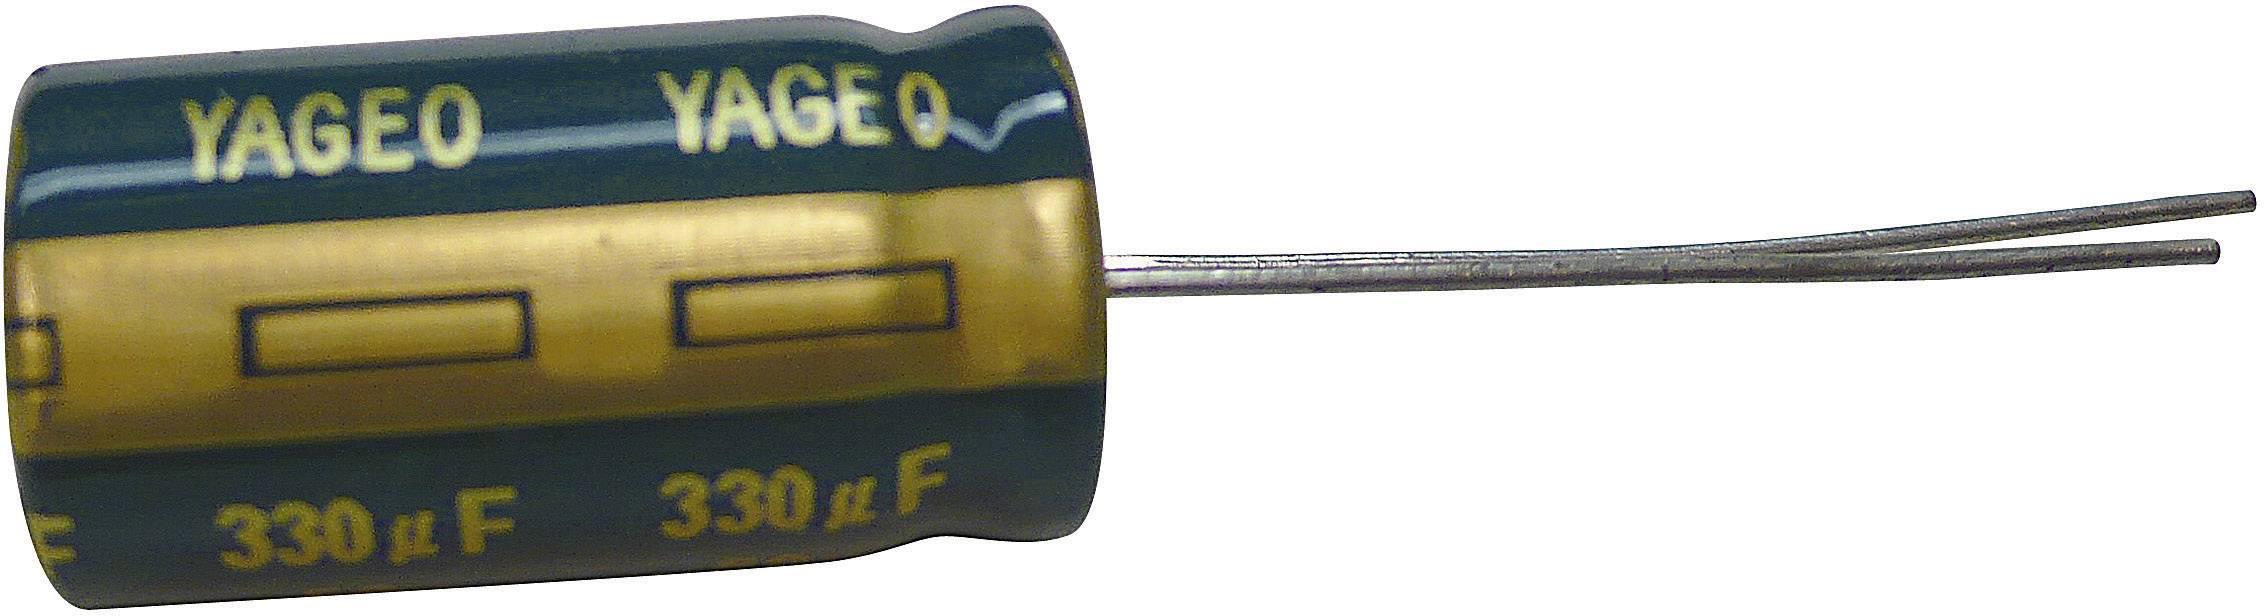 Kondenzátor elektrolytický Yageo SY035M2200B7F-1632, 2200 mF, 35 V, 20 %, 32 x 16 mm